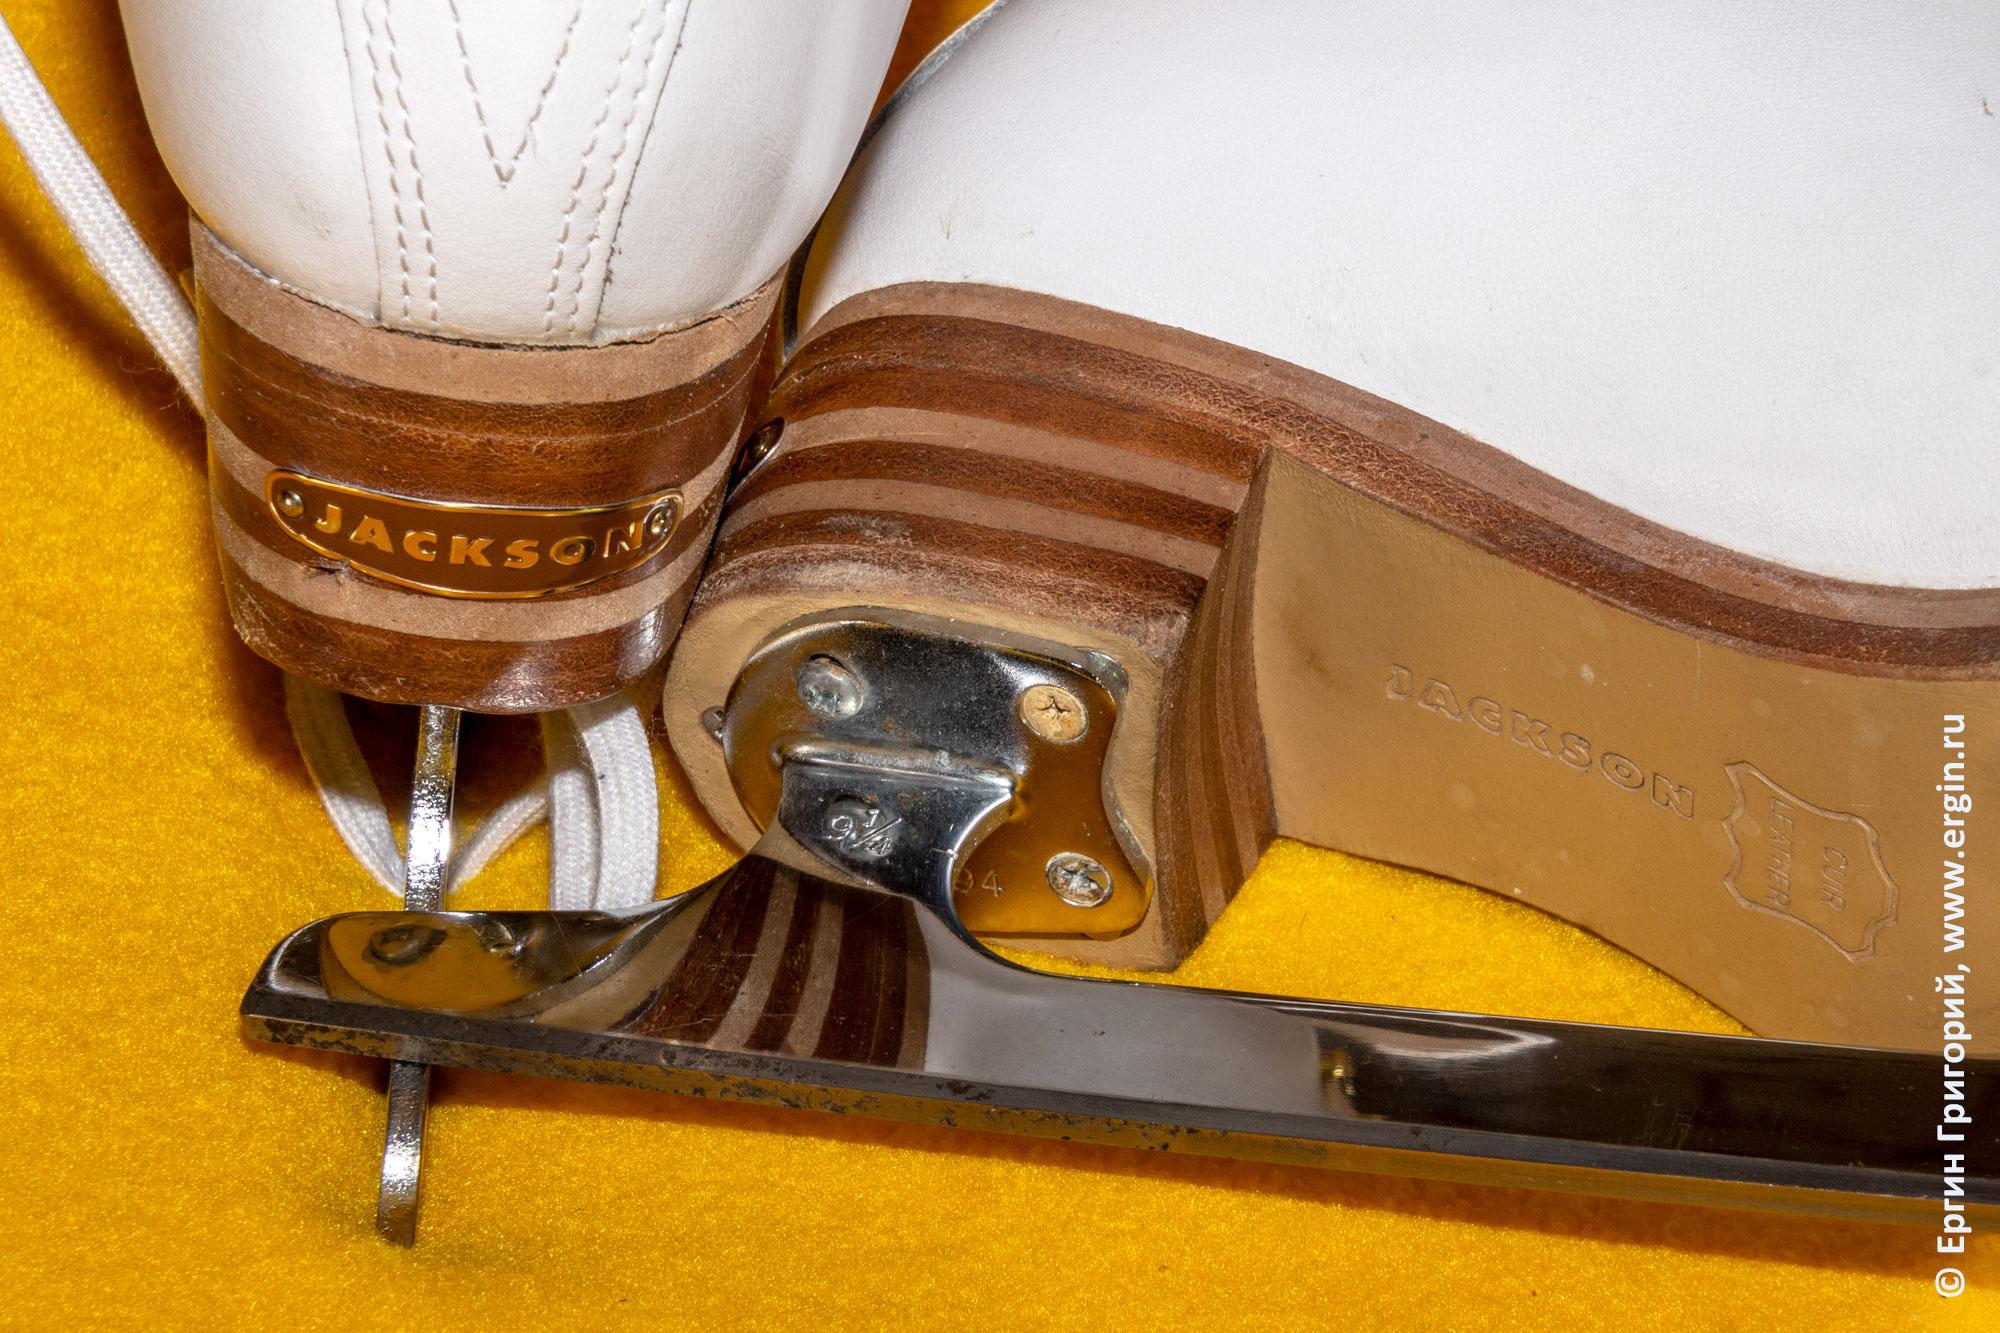 Коньки Jackson: лезвия и каблуки с надписями